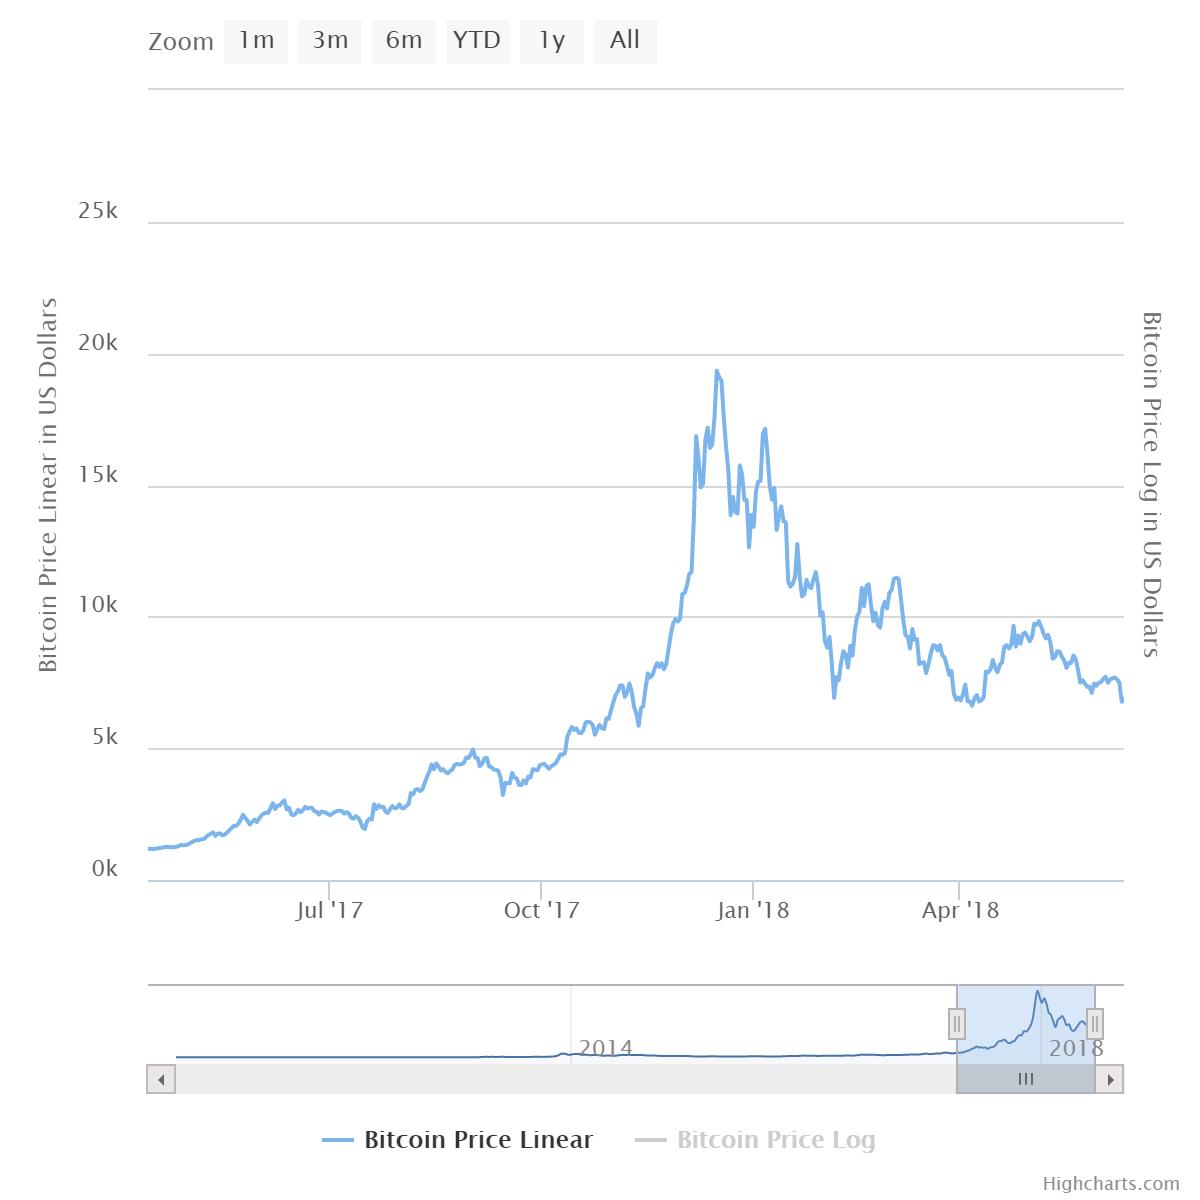 BTC-price-05_17-to-05_18